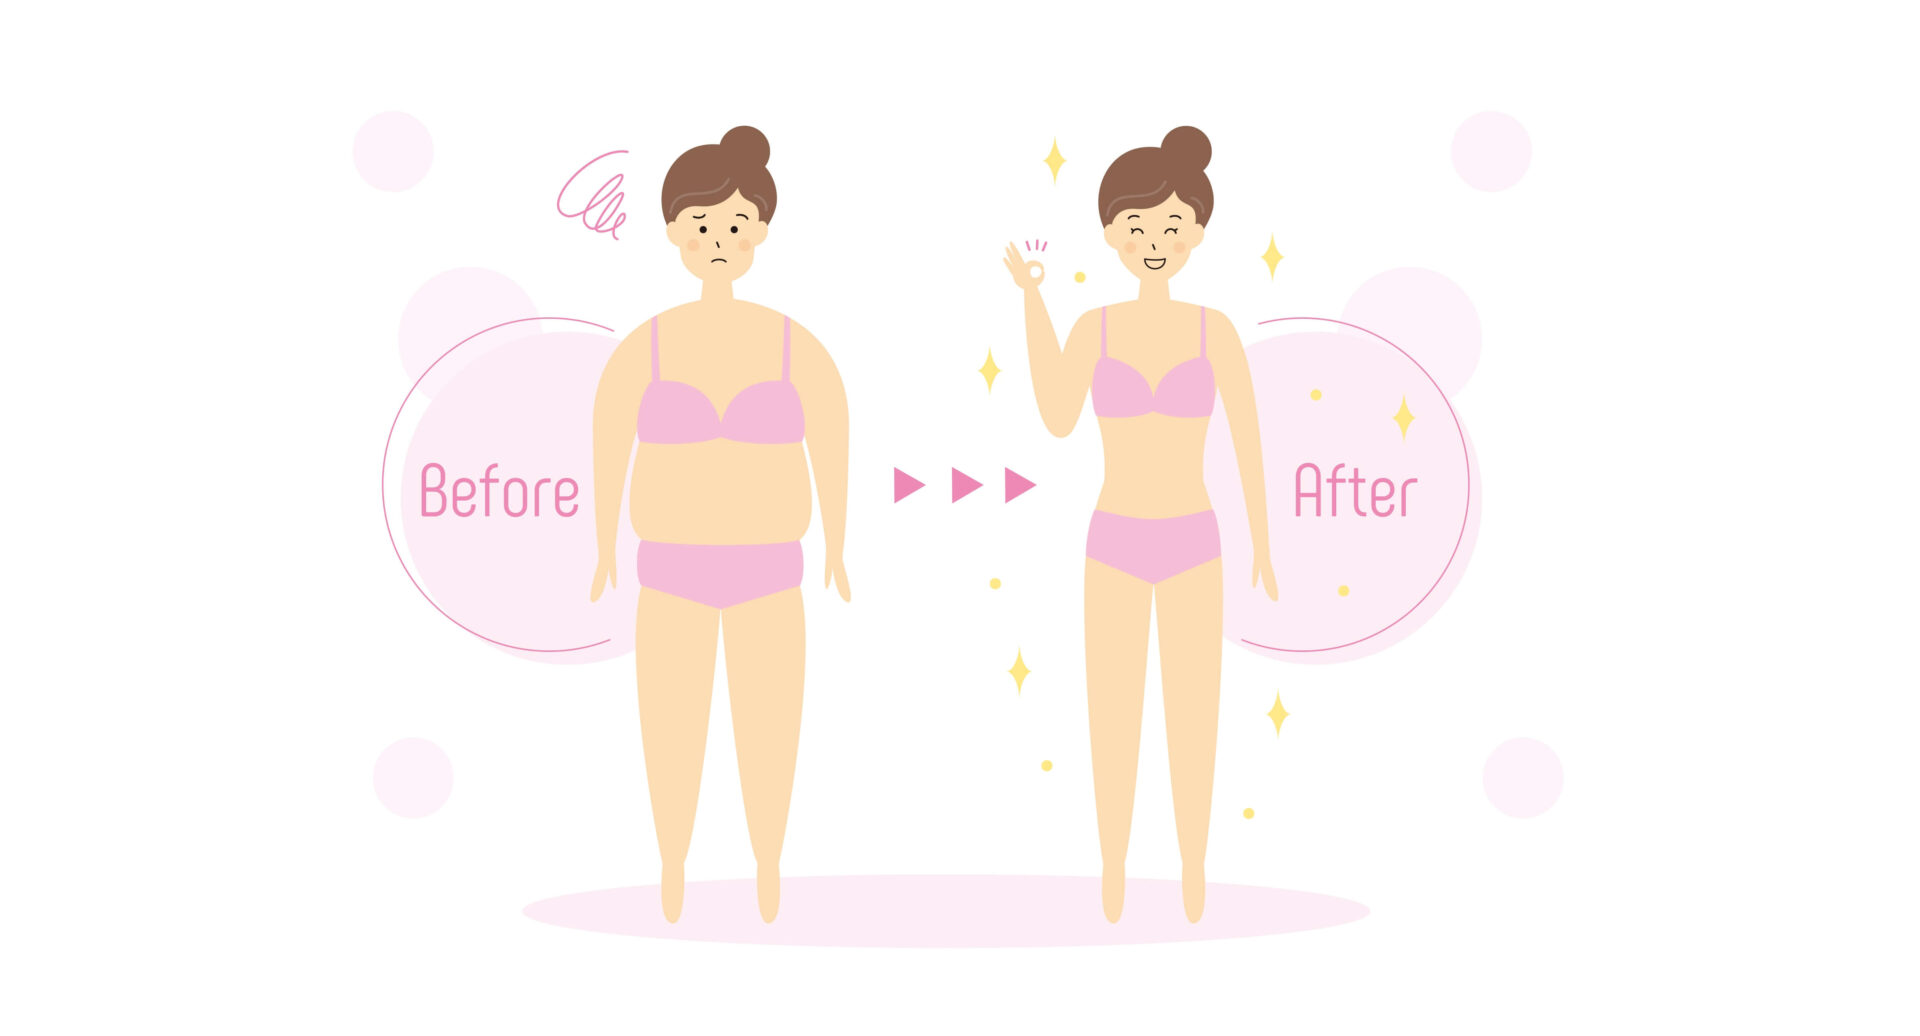 ダイエットの基本は【カロリーと基礎代謝】知らずにやるから失敗するんです